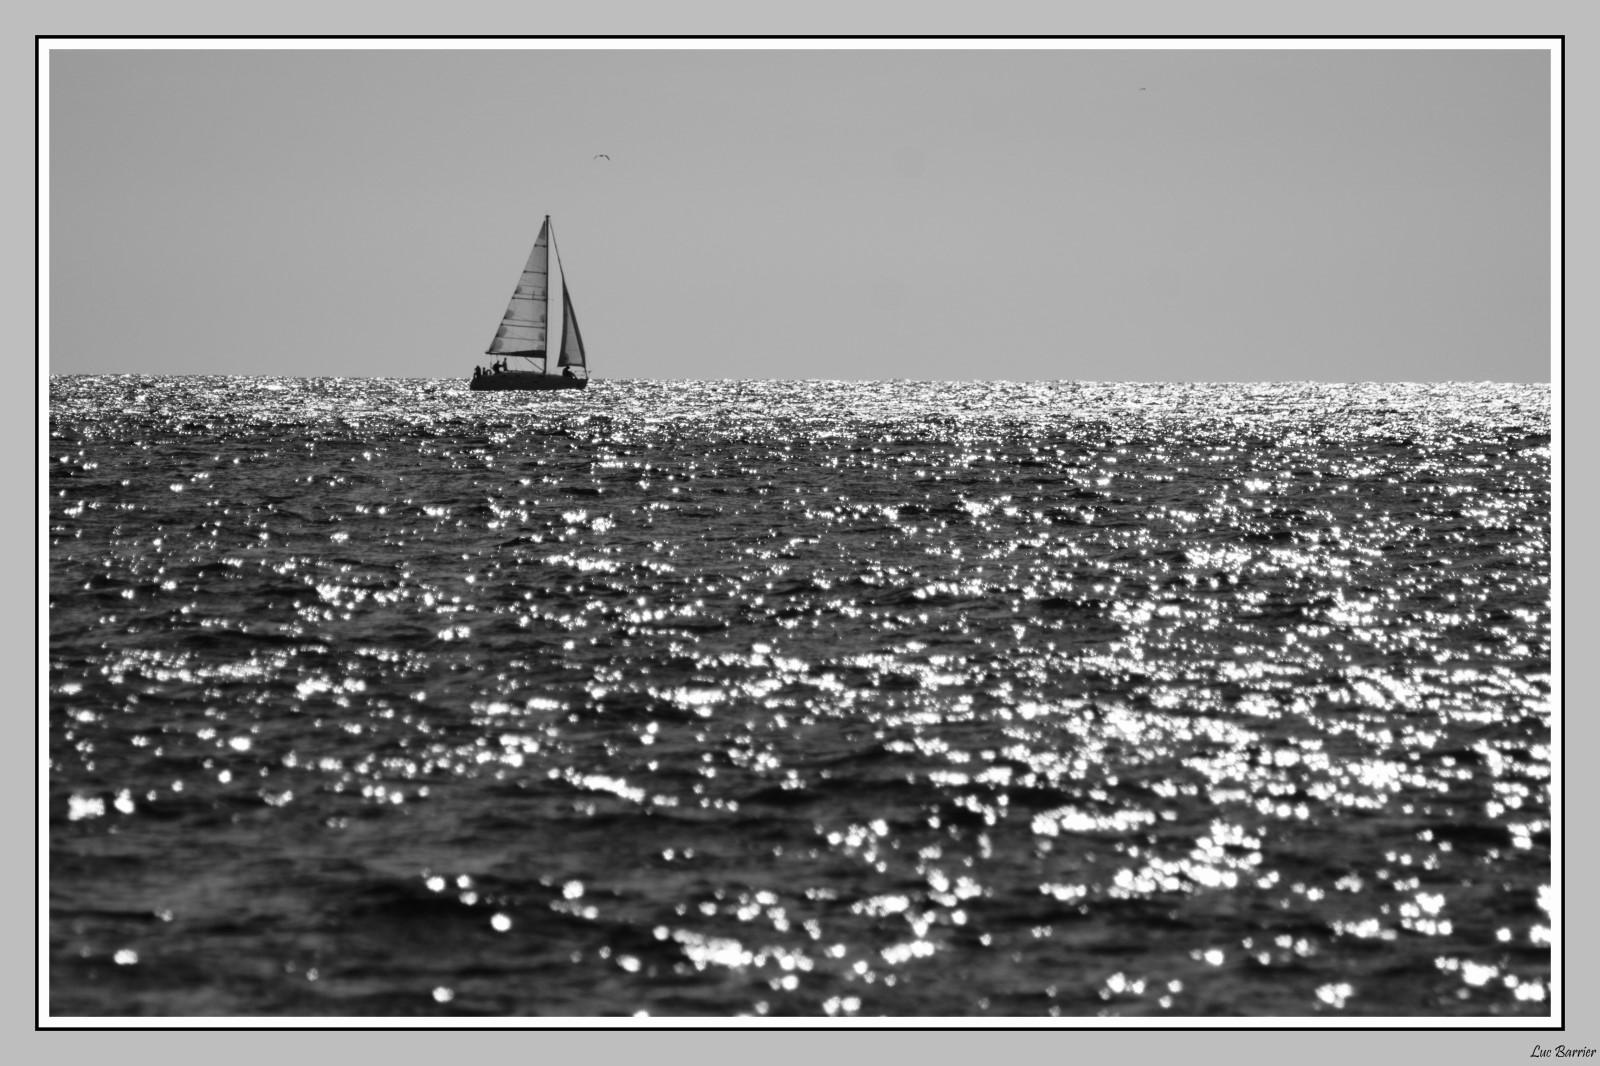 Une mer de diamants